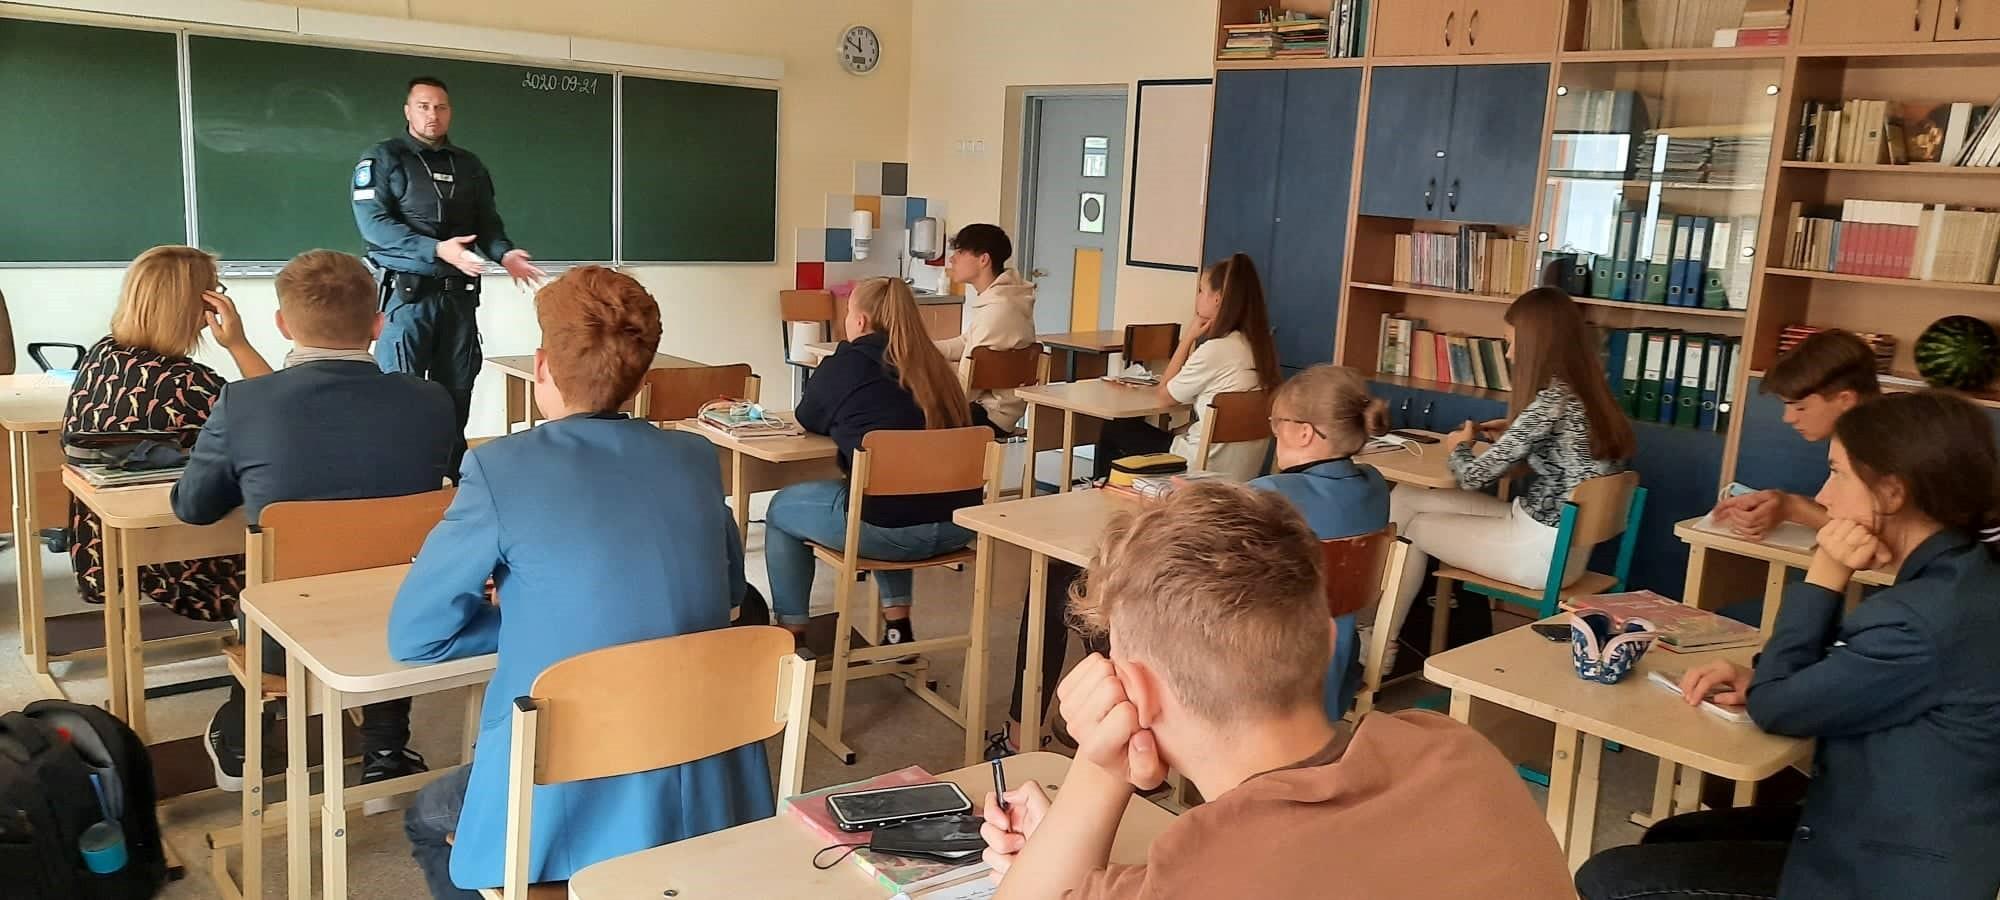 Apie teises ir pareigas Neringos gimnazijoje